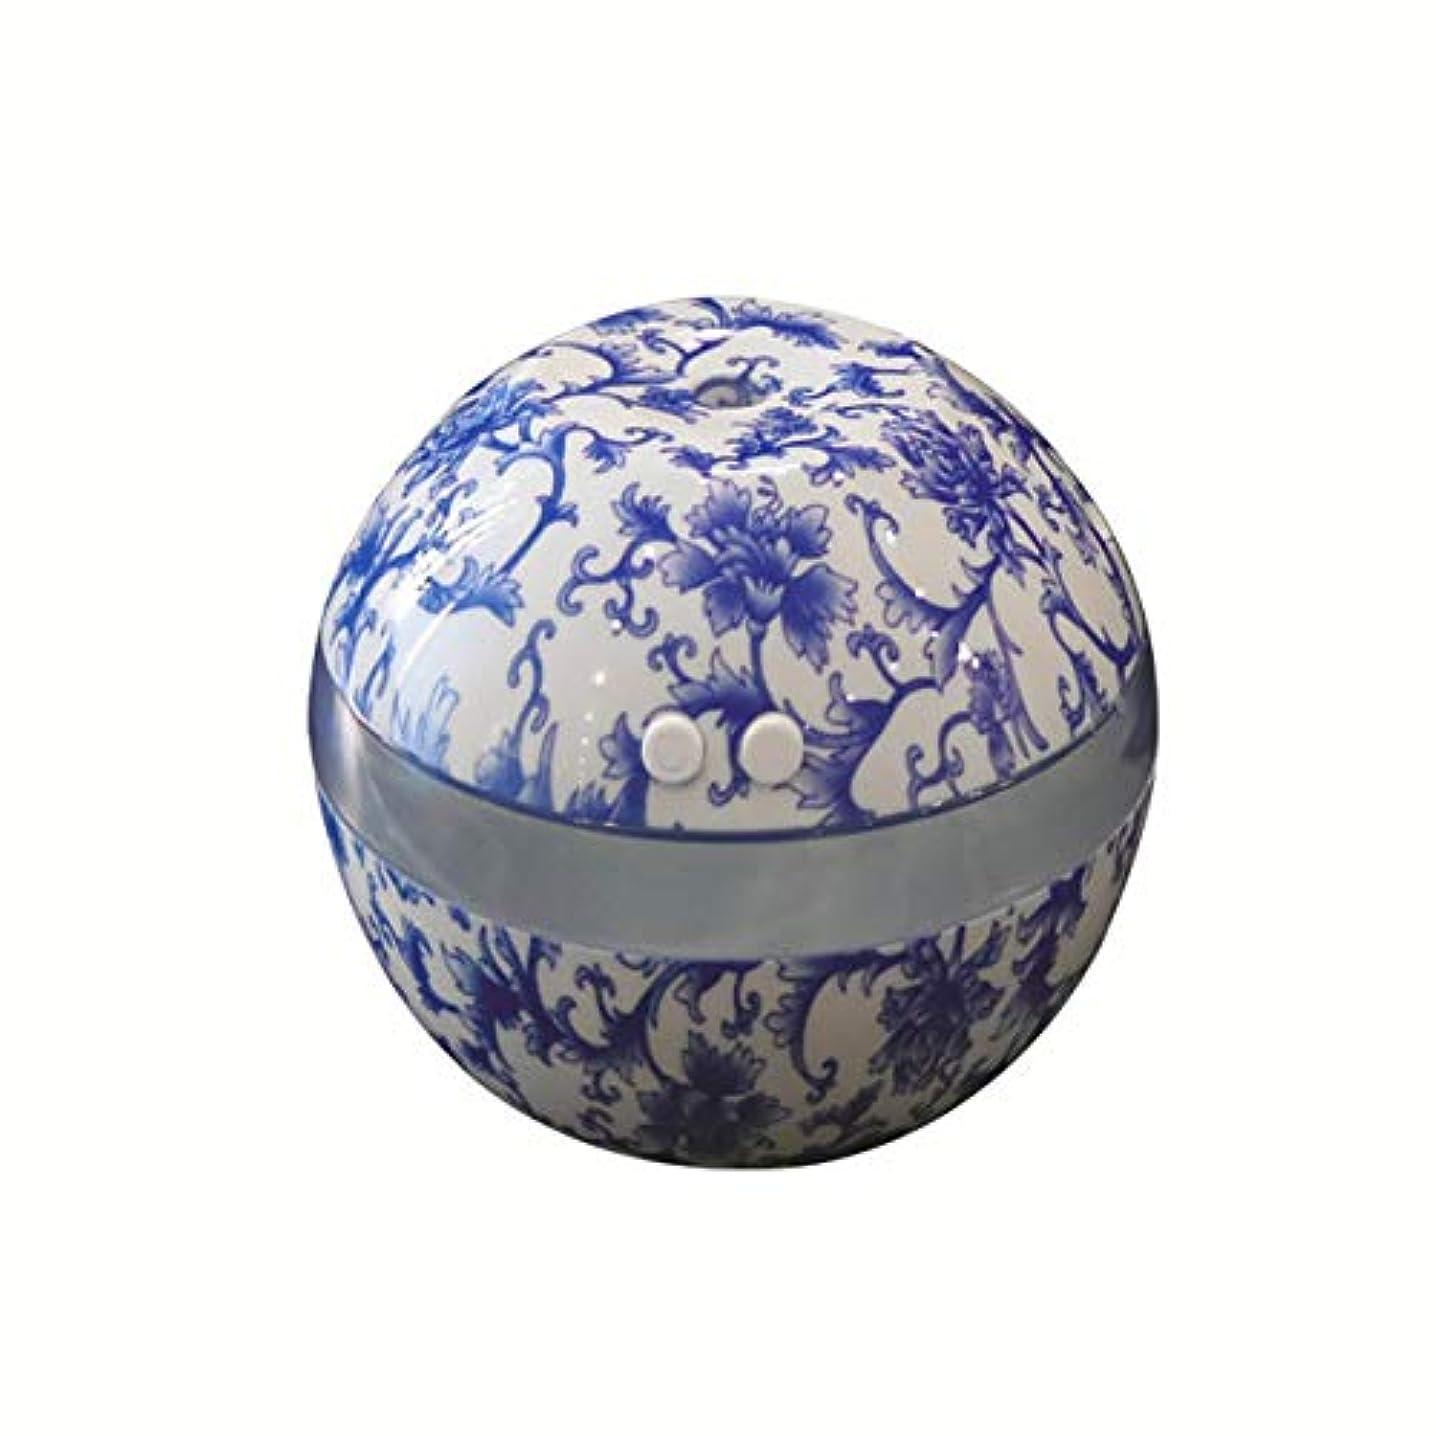 代理人平らにする耐久Saikogoods ブルー&ホワイトの磁器ホームオフィスSPAのための超音波加湿空気加湿器アロマエッセンシャルオイルディフューザーアロマセラピー 白青